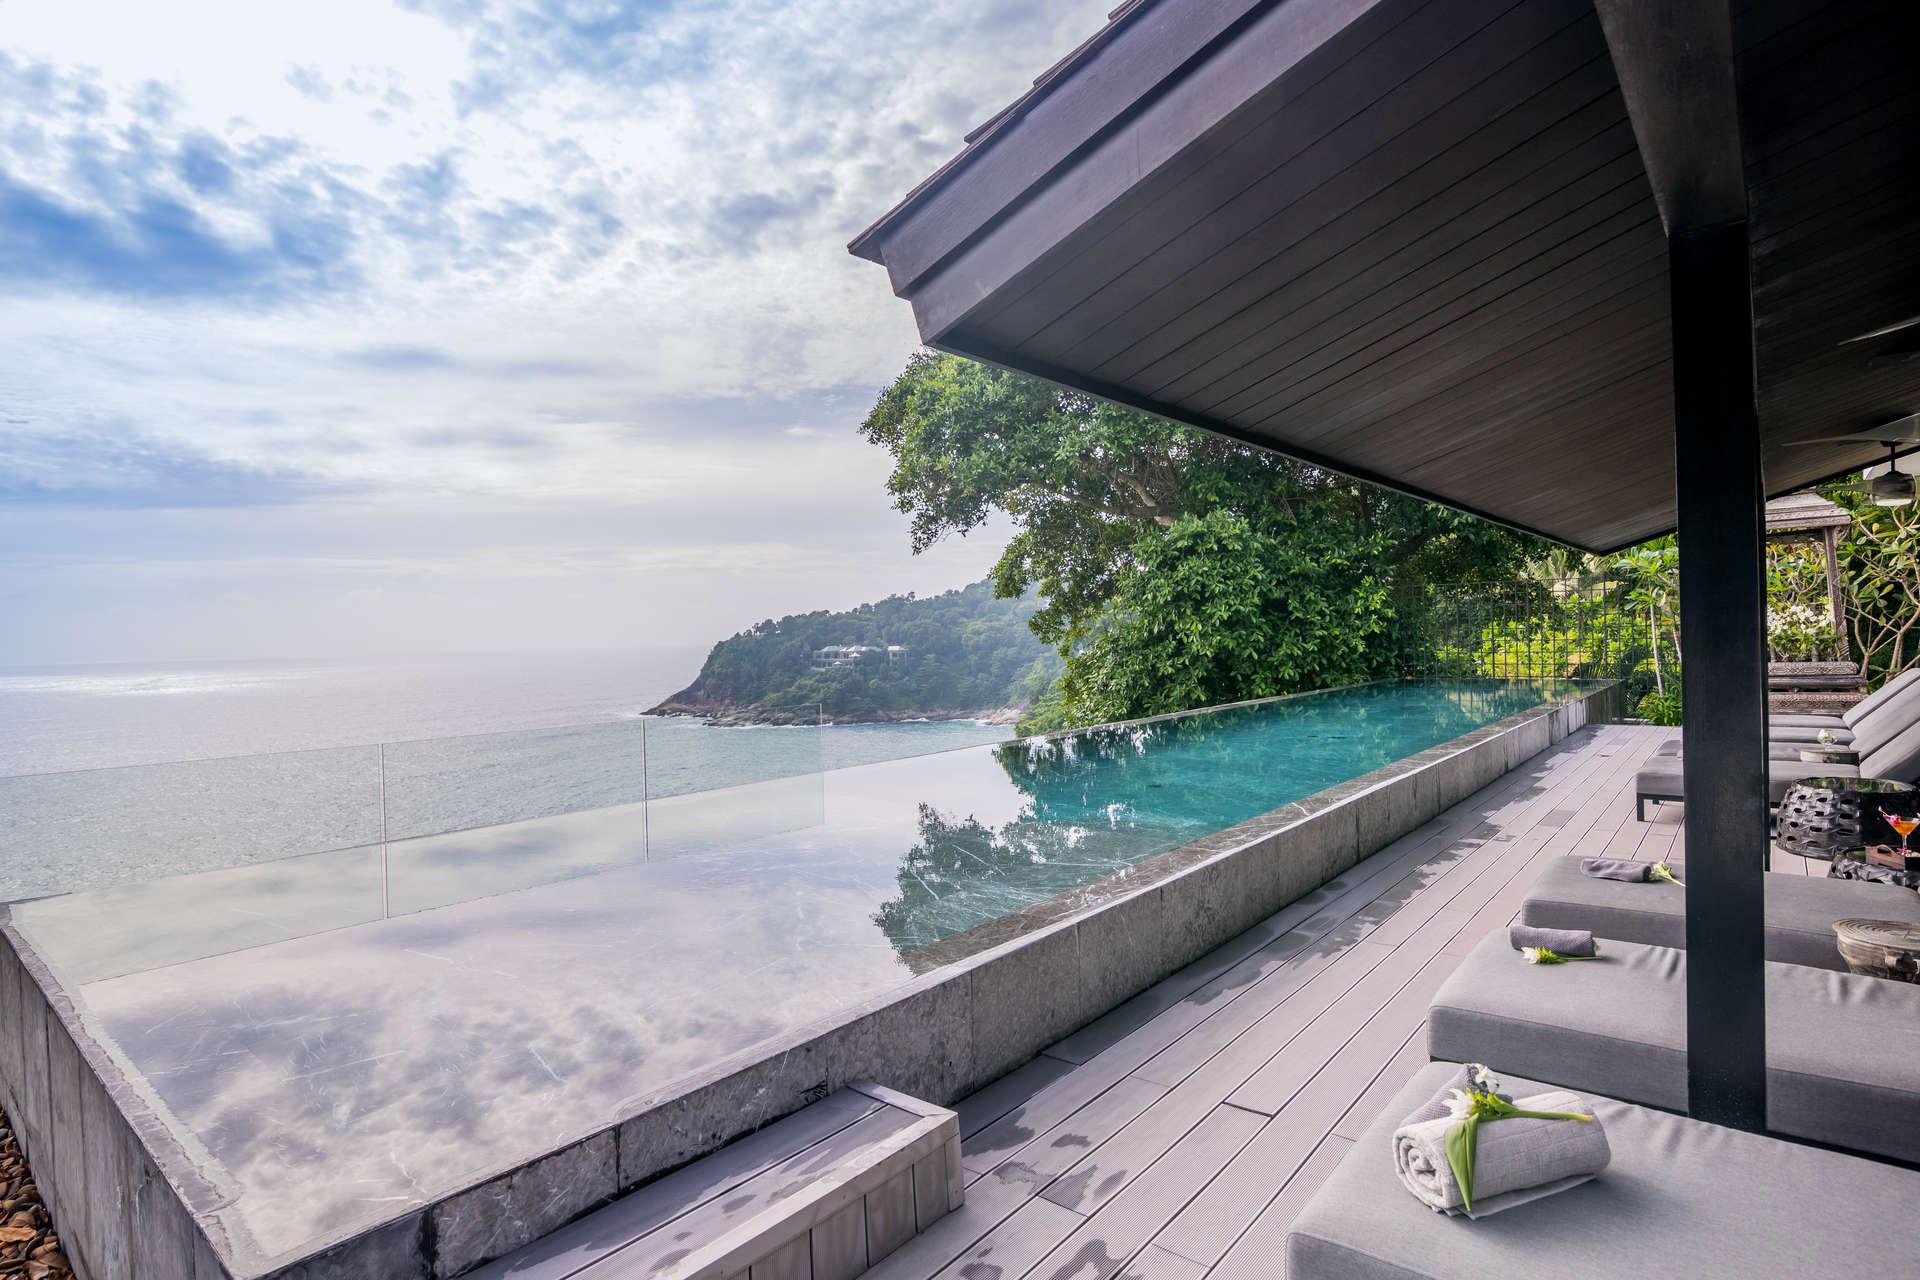 Luxury villa rentals asia - Thailand - Phuket island - Kamala - Villa Isla - Image 1/30